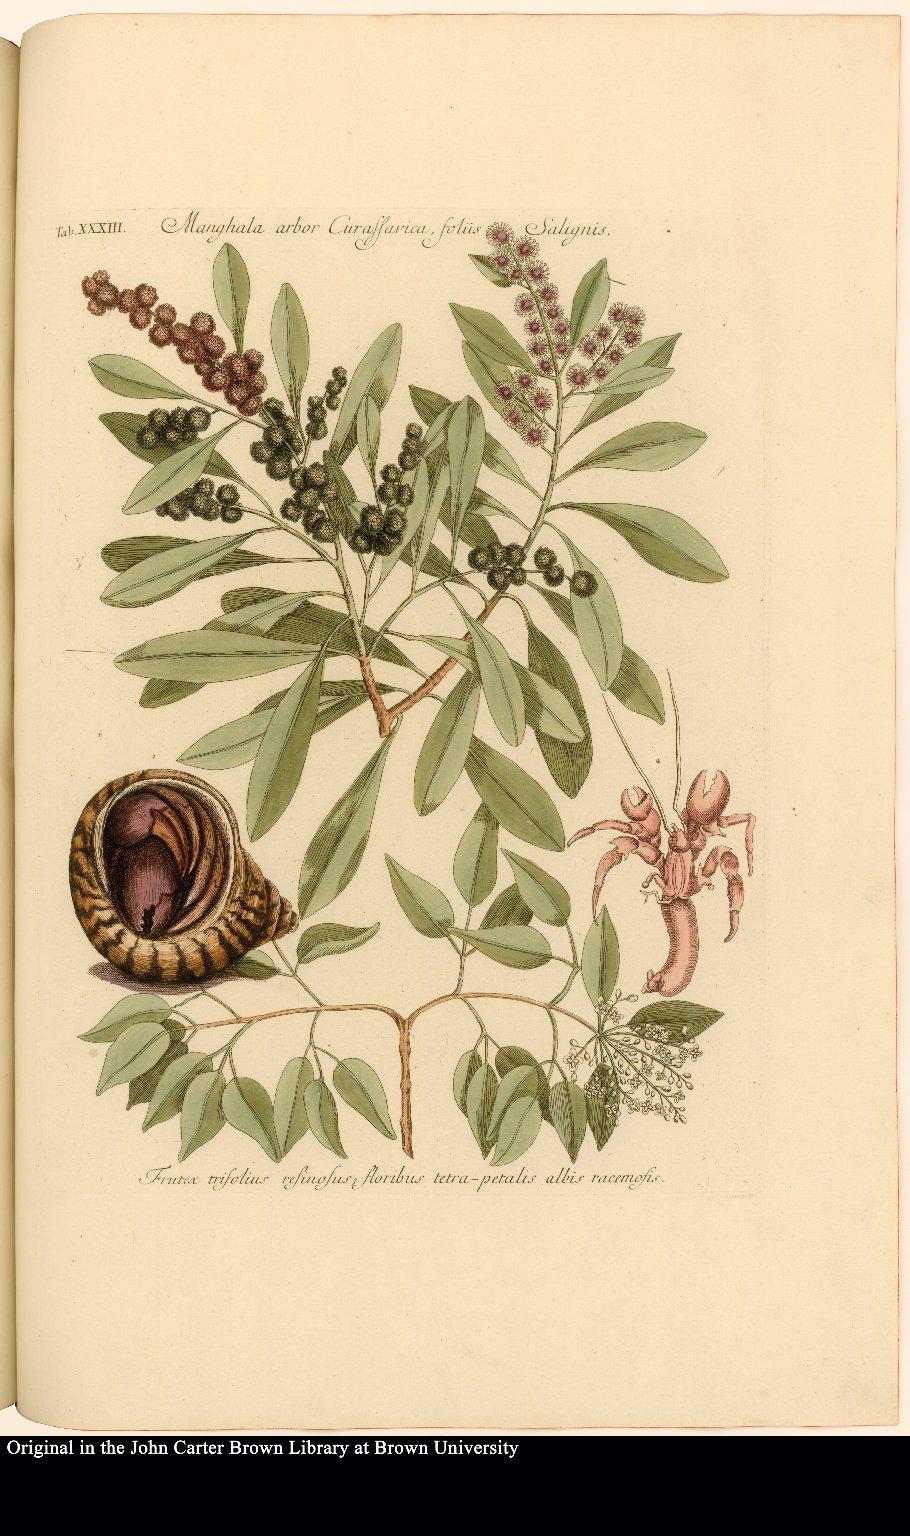 Manghala arbor Curassavica, foliis Salignis [&] Frutex trifolius resinosus; floribus tetra-petalis albis racemosis [with] Hermit crabs.